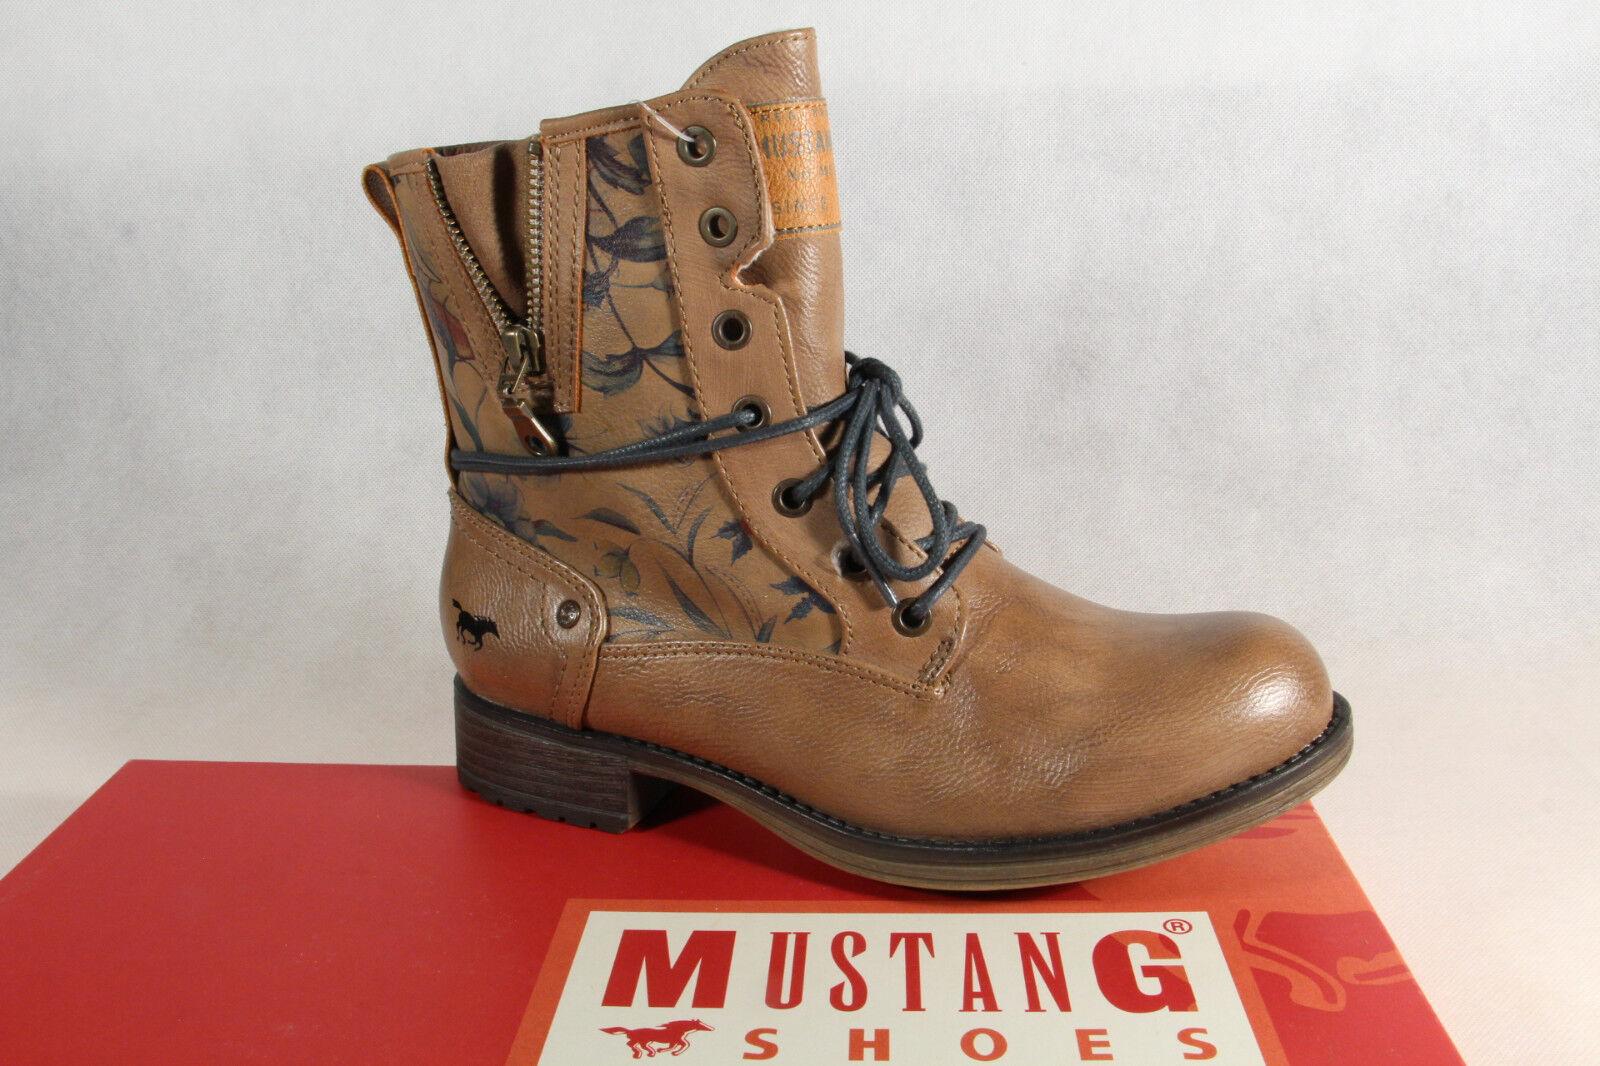 Mustang Botines botas de de de Cordón botas Natural Marrón 1139 Nuevo  el mejor servicio post-venta